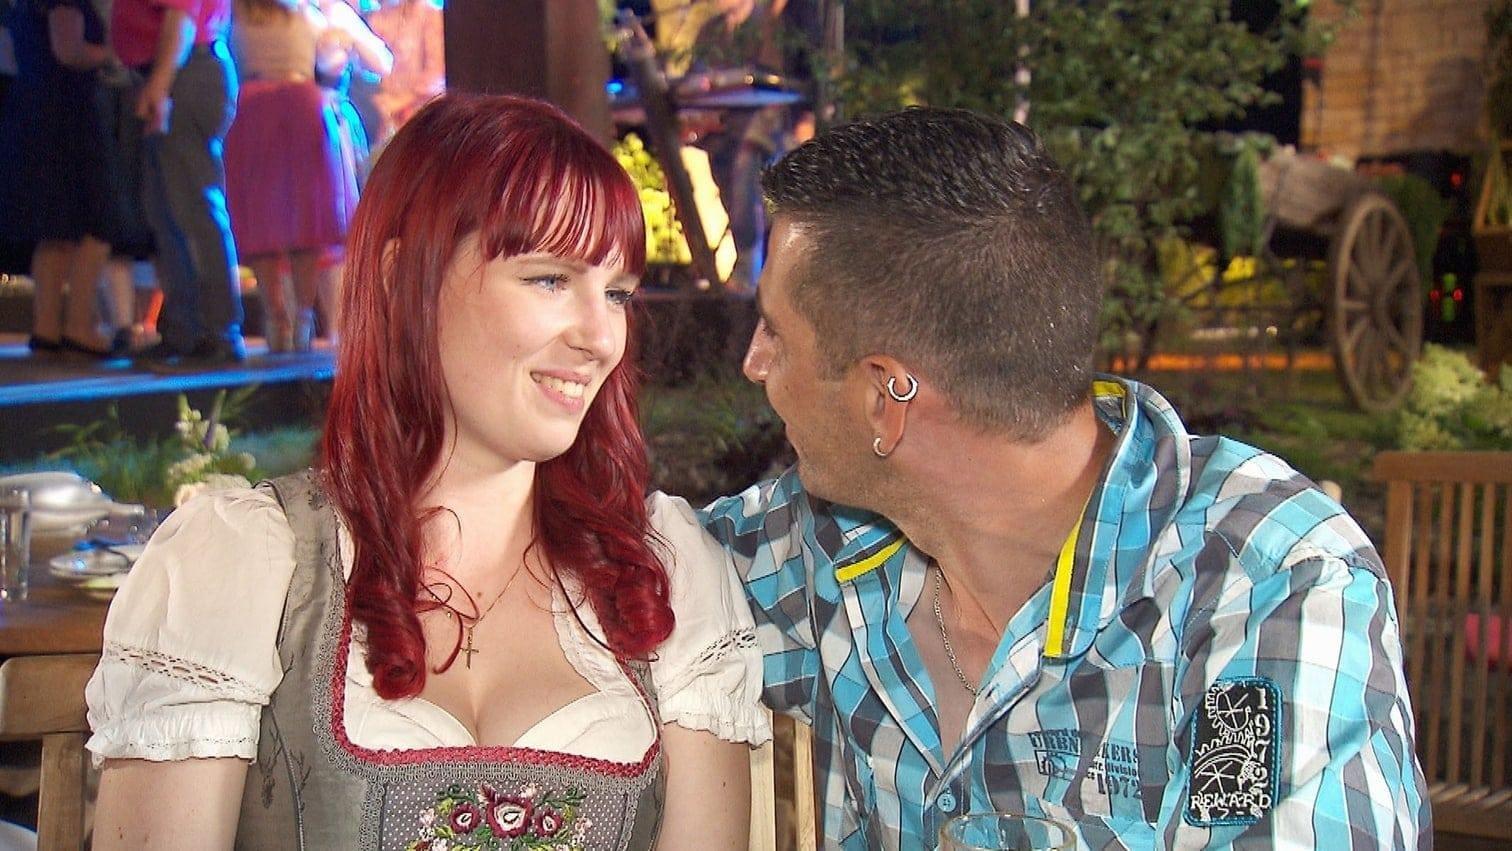 <p>Kein wirkliches Interesse hatte Landwirtschaftsmeister Niels an Isabelle.</p> Foto: MG RTL D